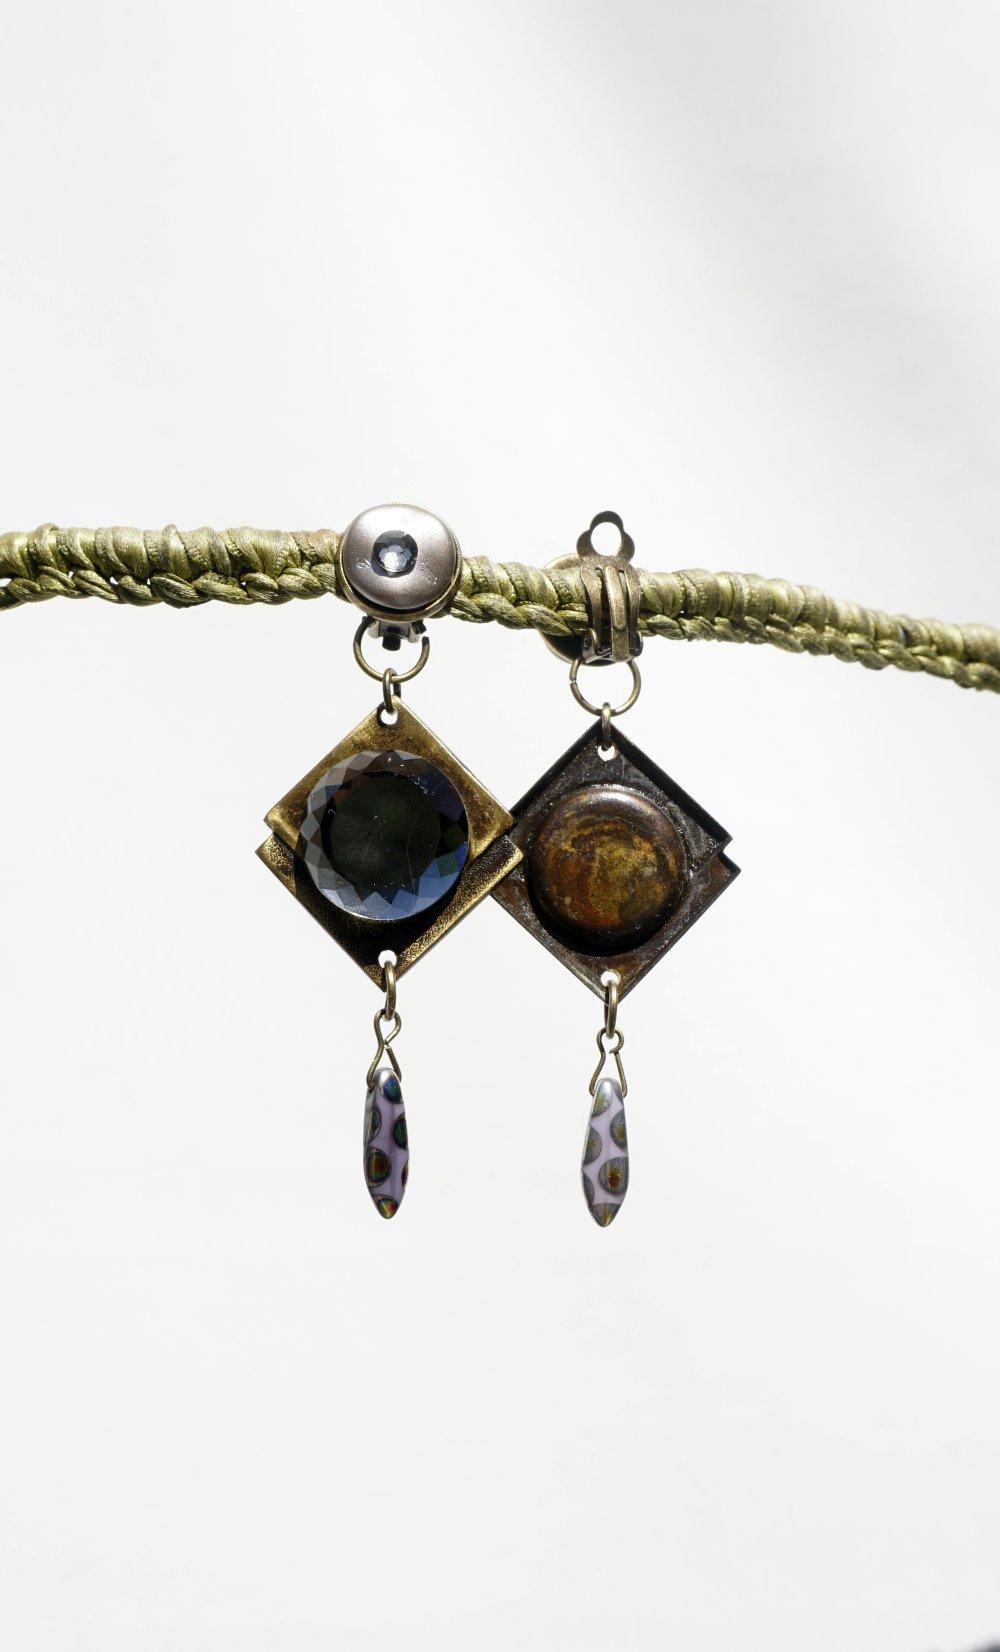 CLIPS Boucles d'oreilles Clips Gris & Bronze Perles cristal Estampe carré Bijoux créateur Création française